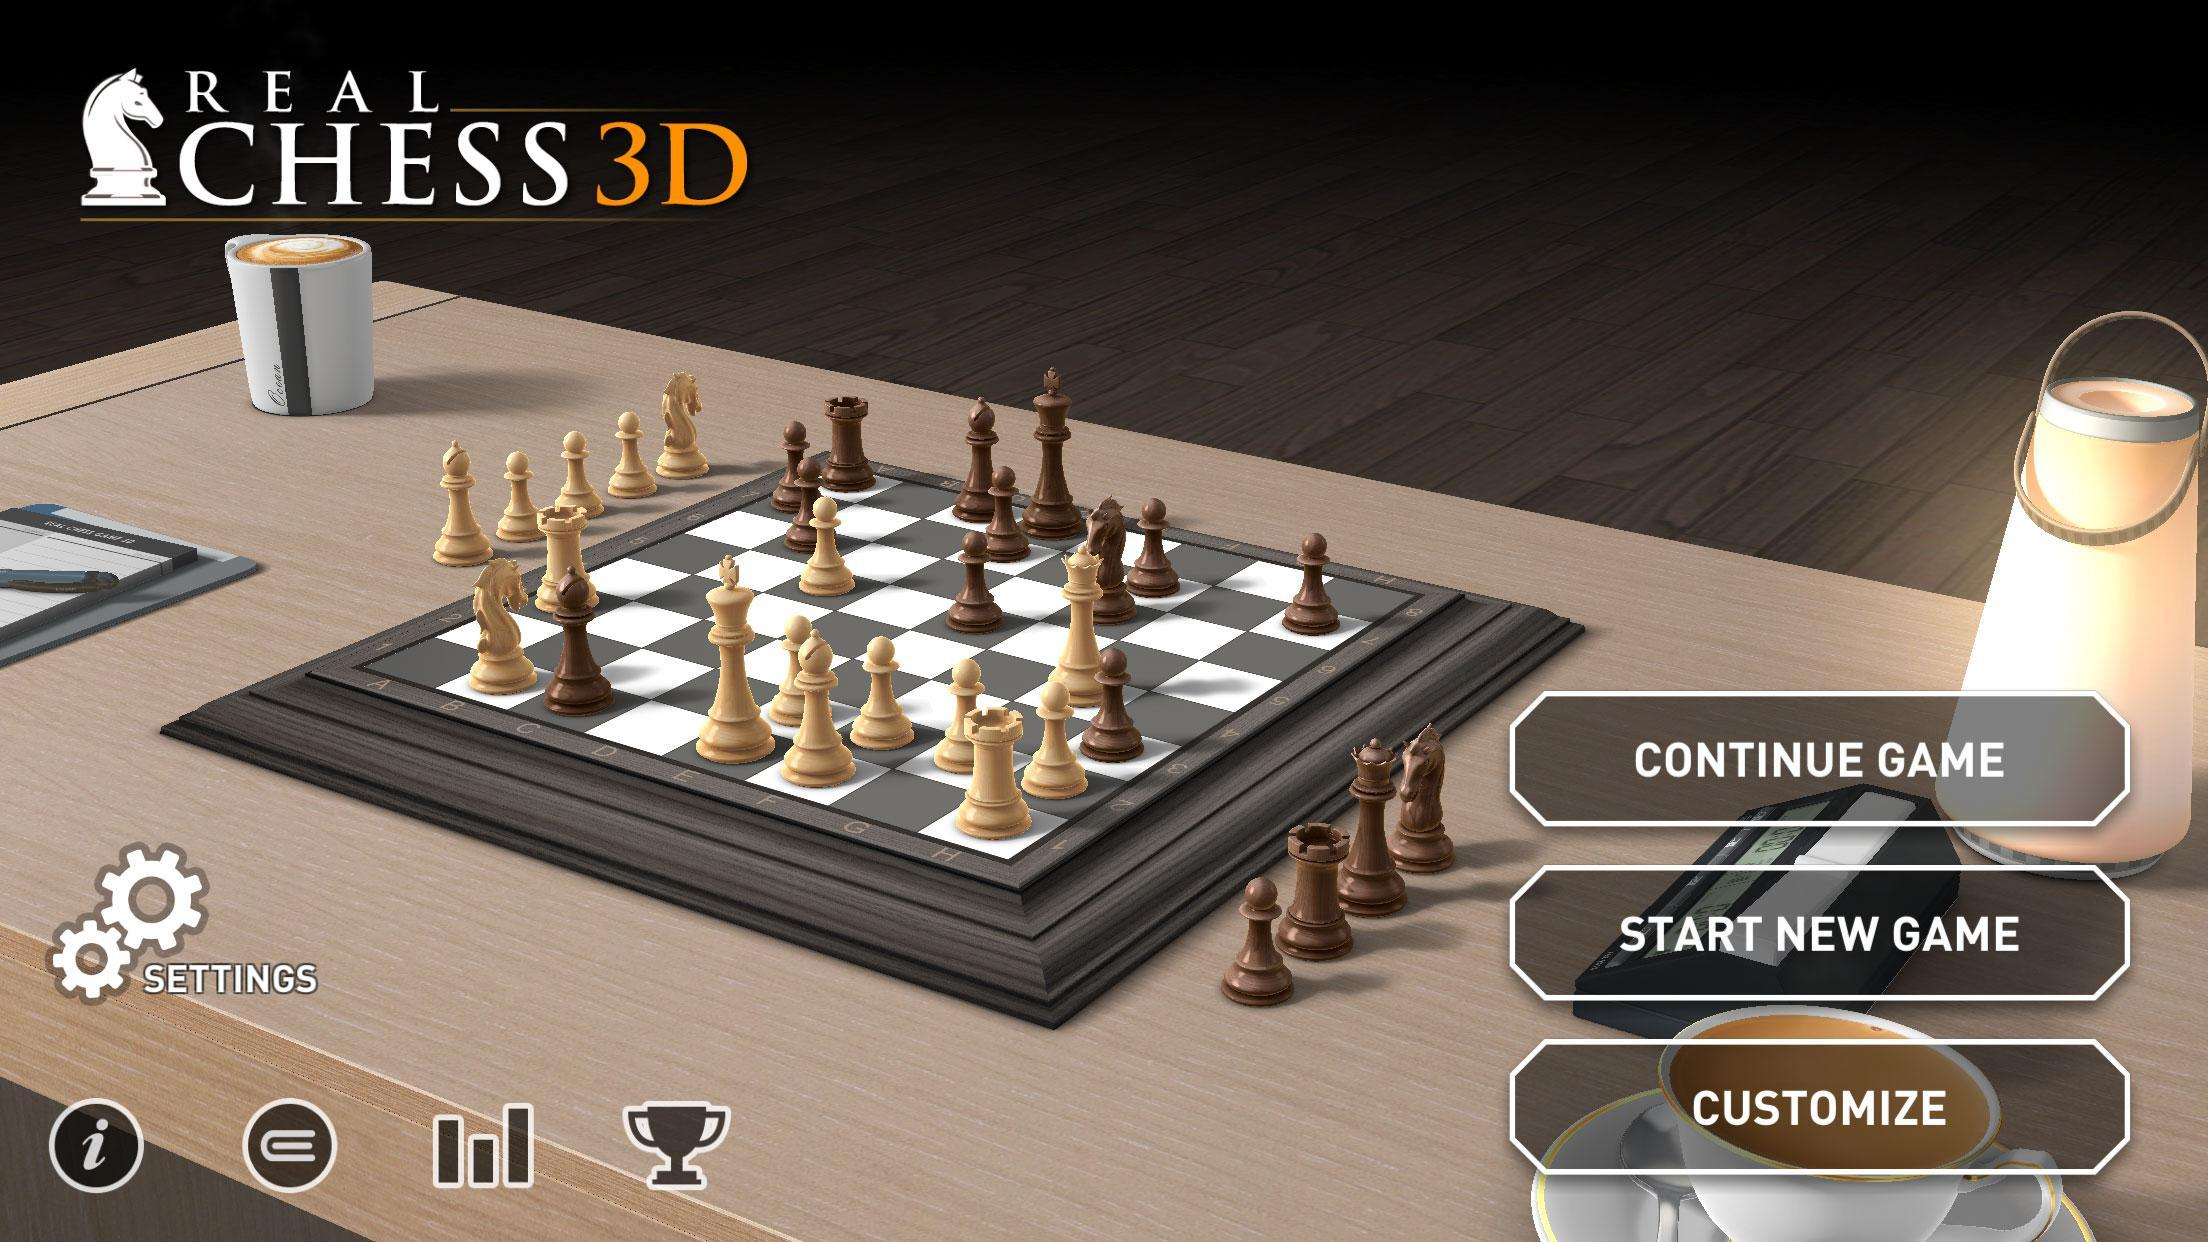 Real Chess 3D 1.24 Screenshot 3